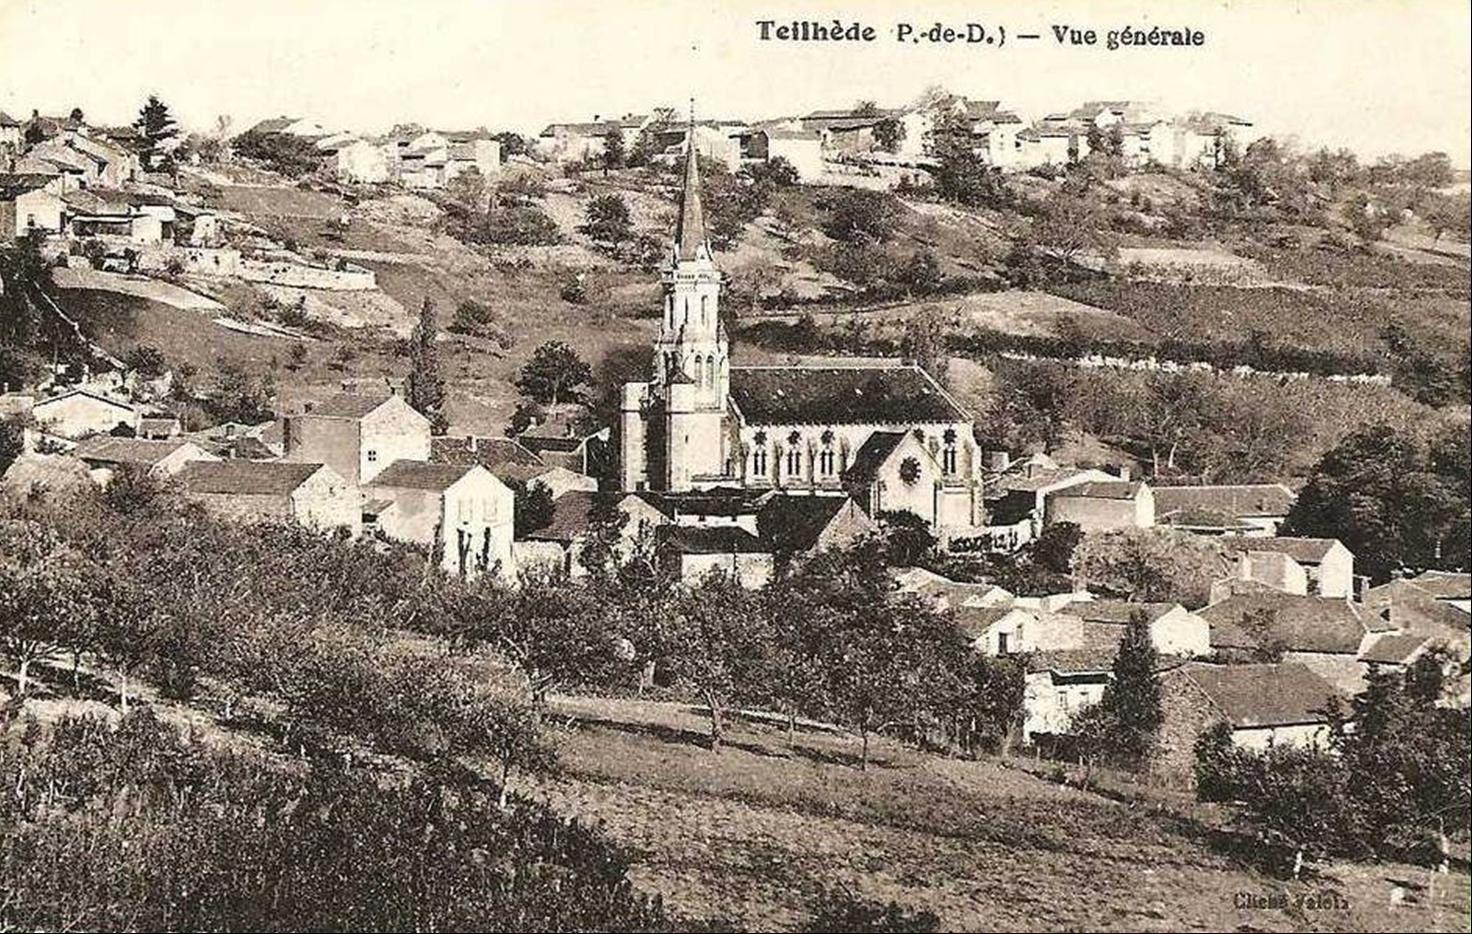 Teilhède et Prompsat  d'autrefois